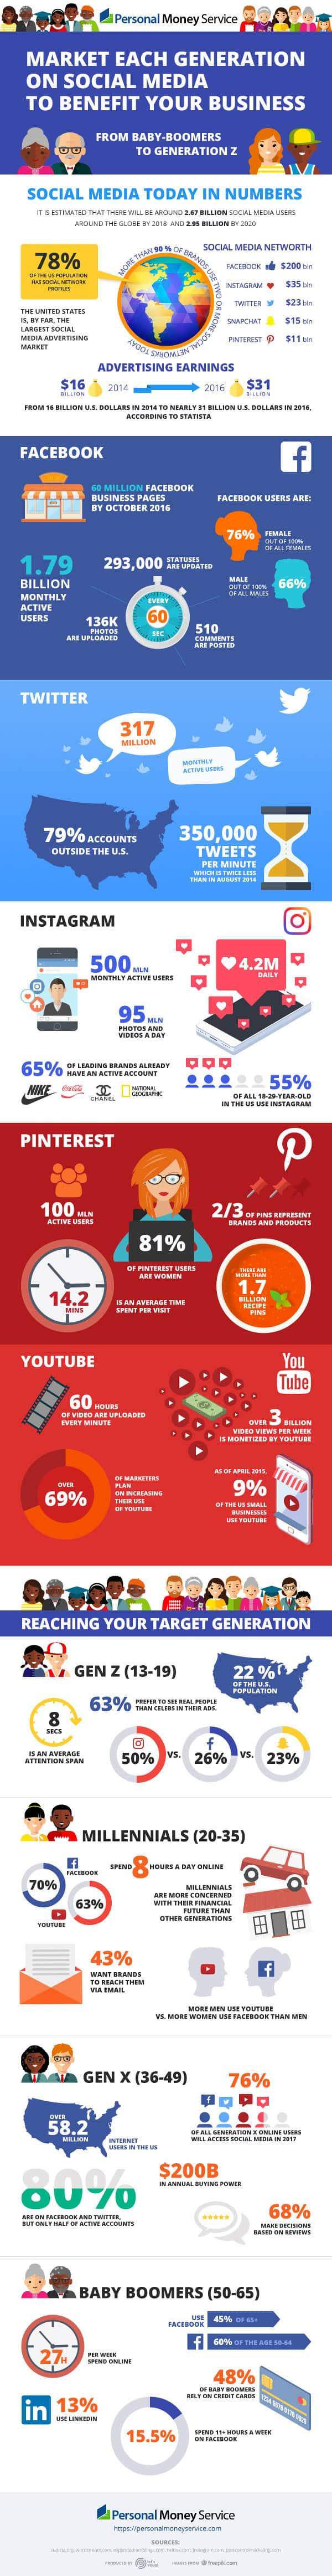 Infographie: réseaux sociaux et générations, les chiffres clés